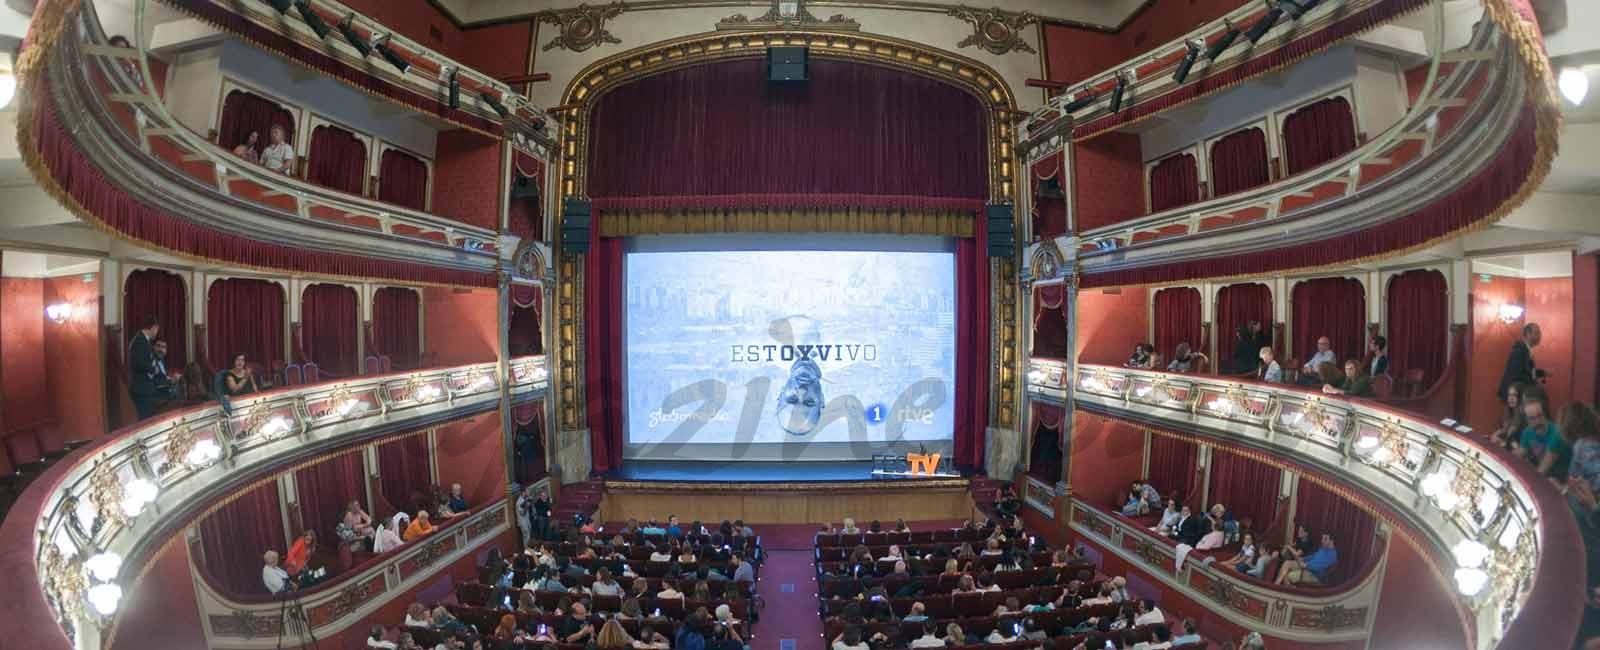 """""""Estoy vivo"""" inaugura la IX edición del FesTVal de Vitoria-Gasteiz"""